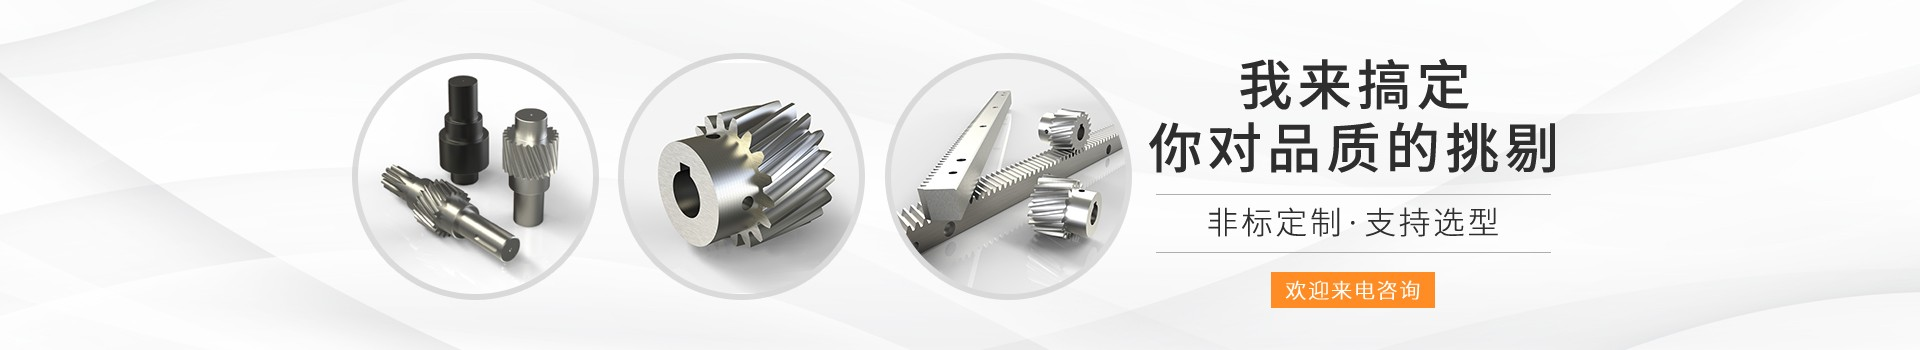 峰茂专注精密直齿轮、斜齿轮加工,40年厂家品质保障